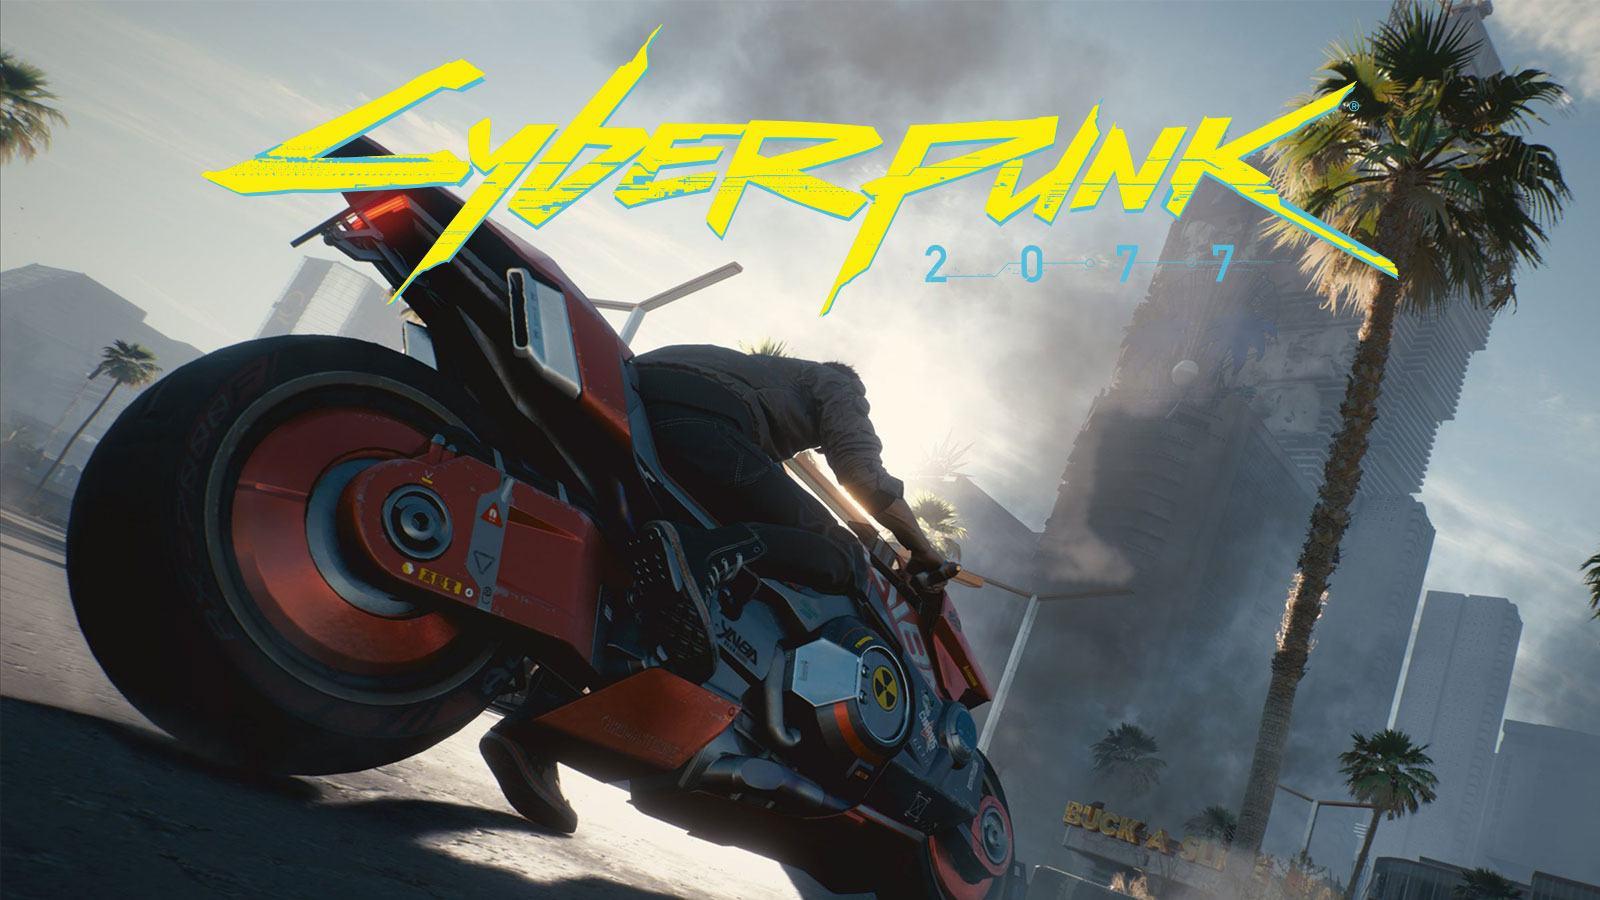 Les meilleures motos dans Cyberpunk 2077